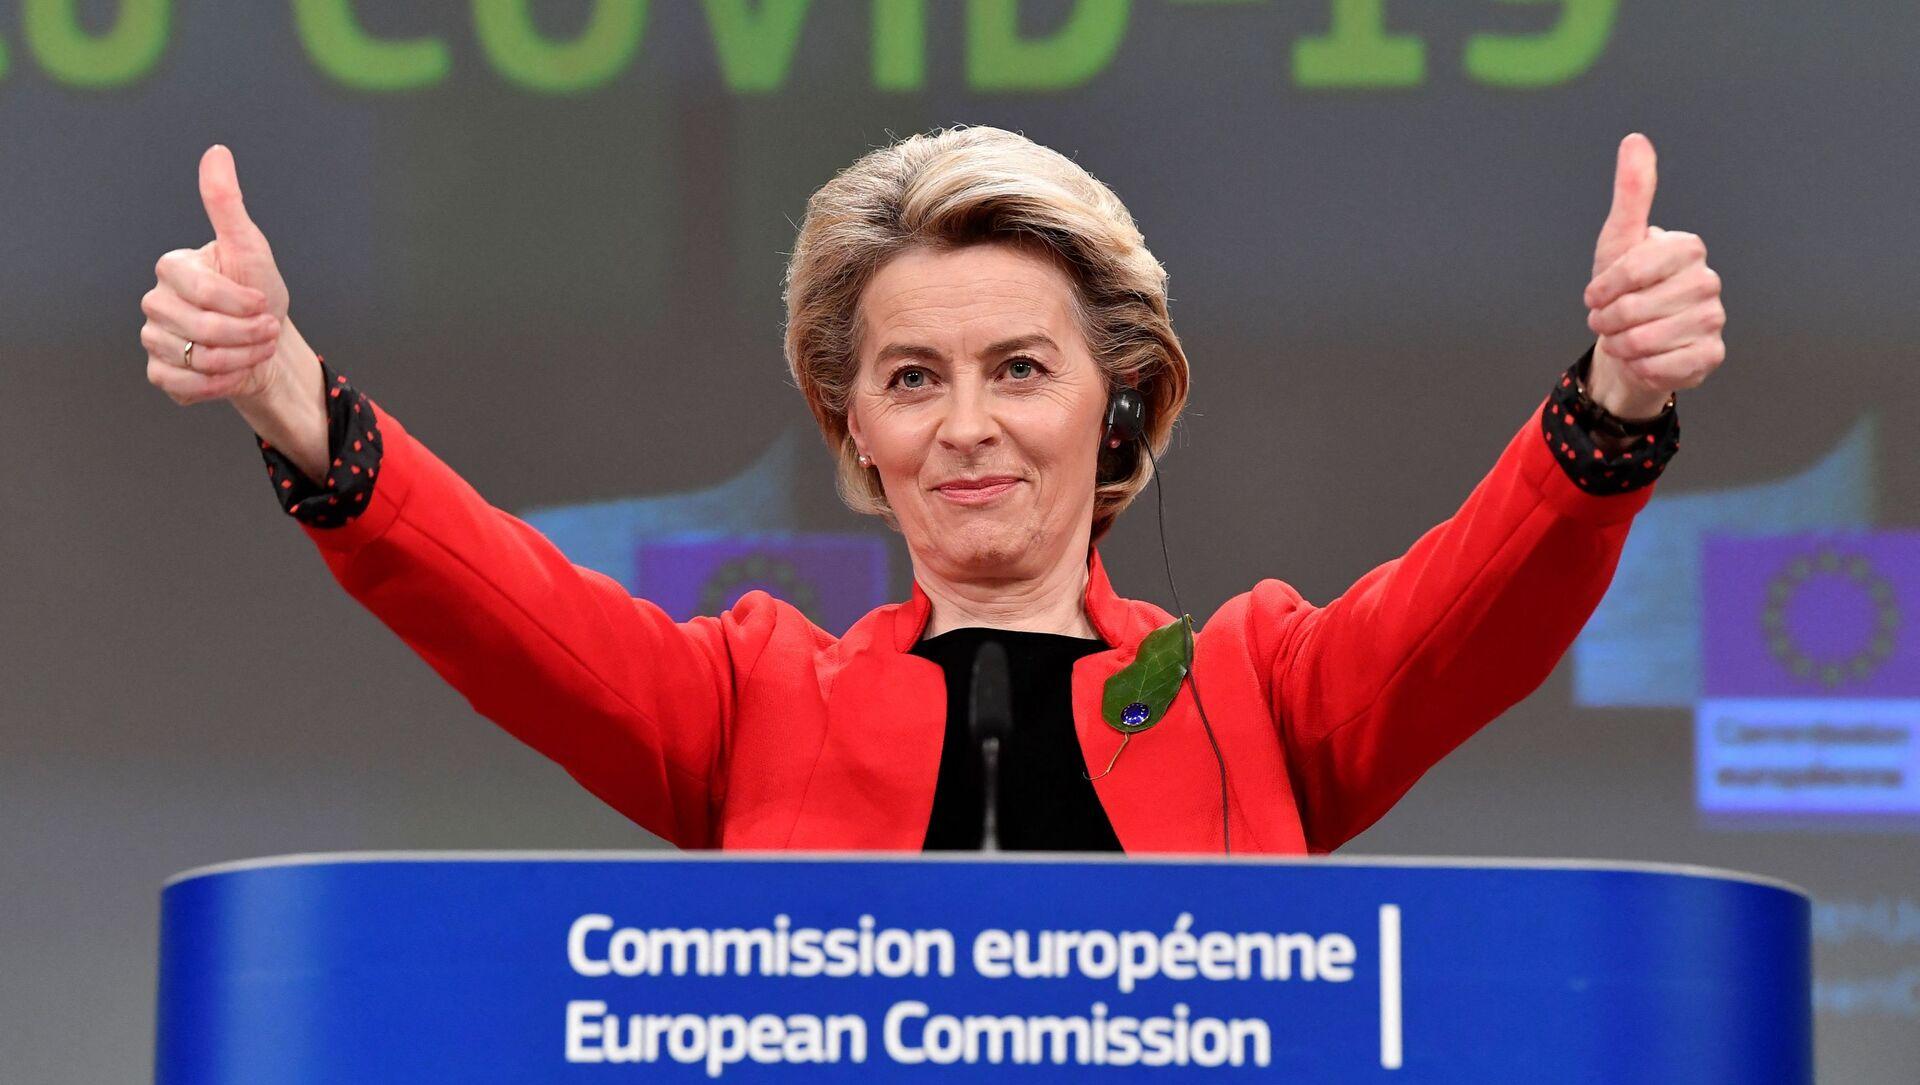 La présidente de la Commission européenne, Ursula von der Leyen, s'exprime à la suite d'une réunion du collège sur le certificat commun de vaccination Covid-19 de l'UE - Sputnik France, 1920, 27.07.2021